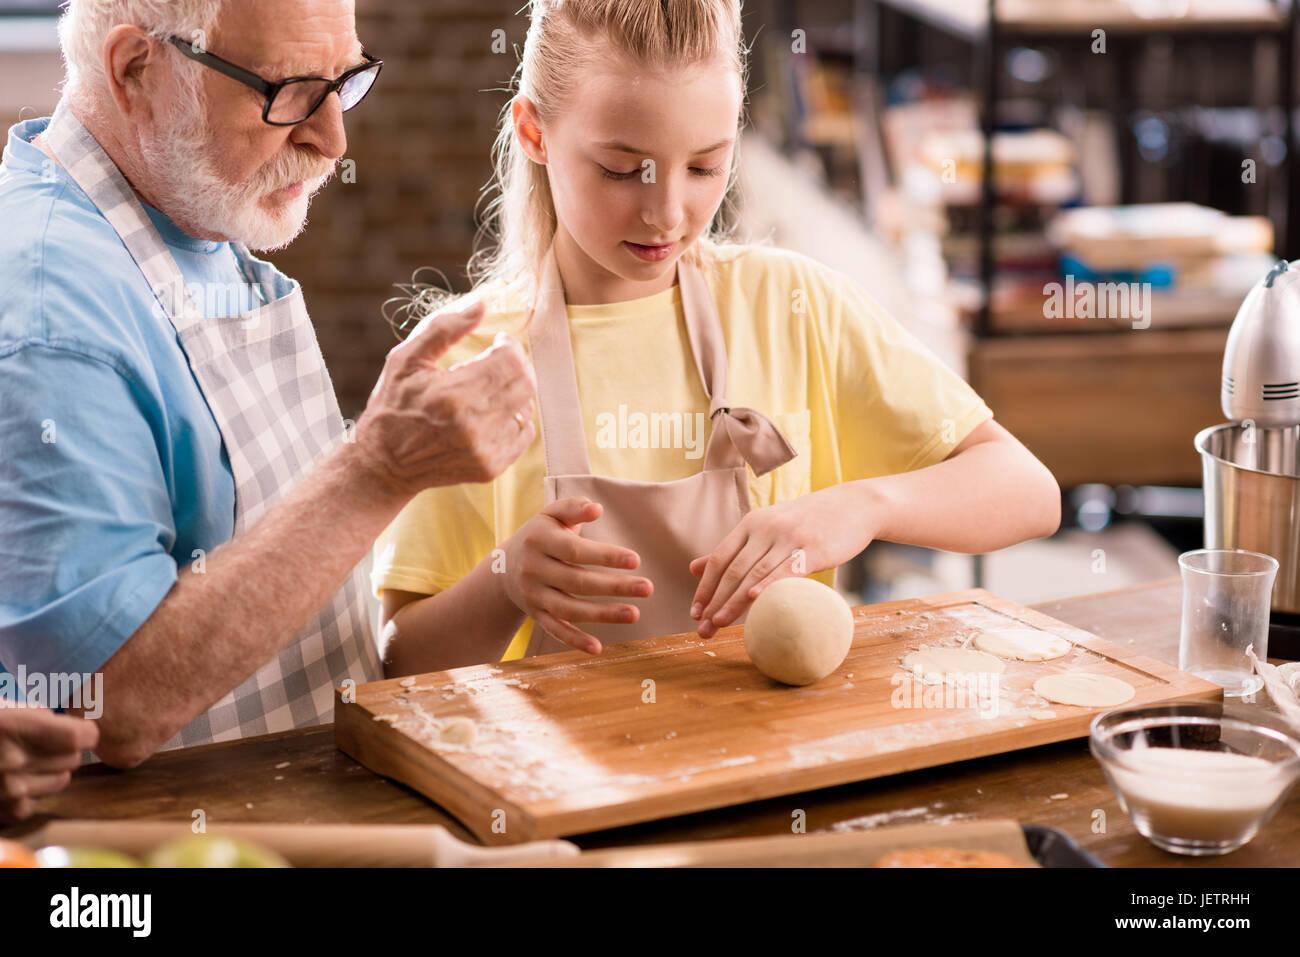 Grand-père et petite-fille de pétrissage et cuisson de la pâte pour les cookies à table de cuisine, Photo Stock